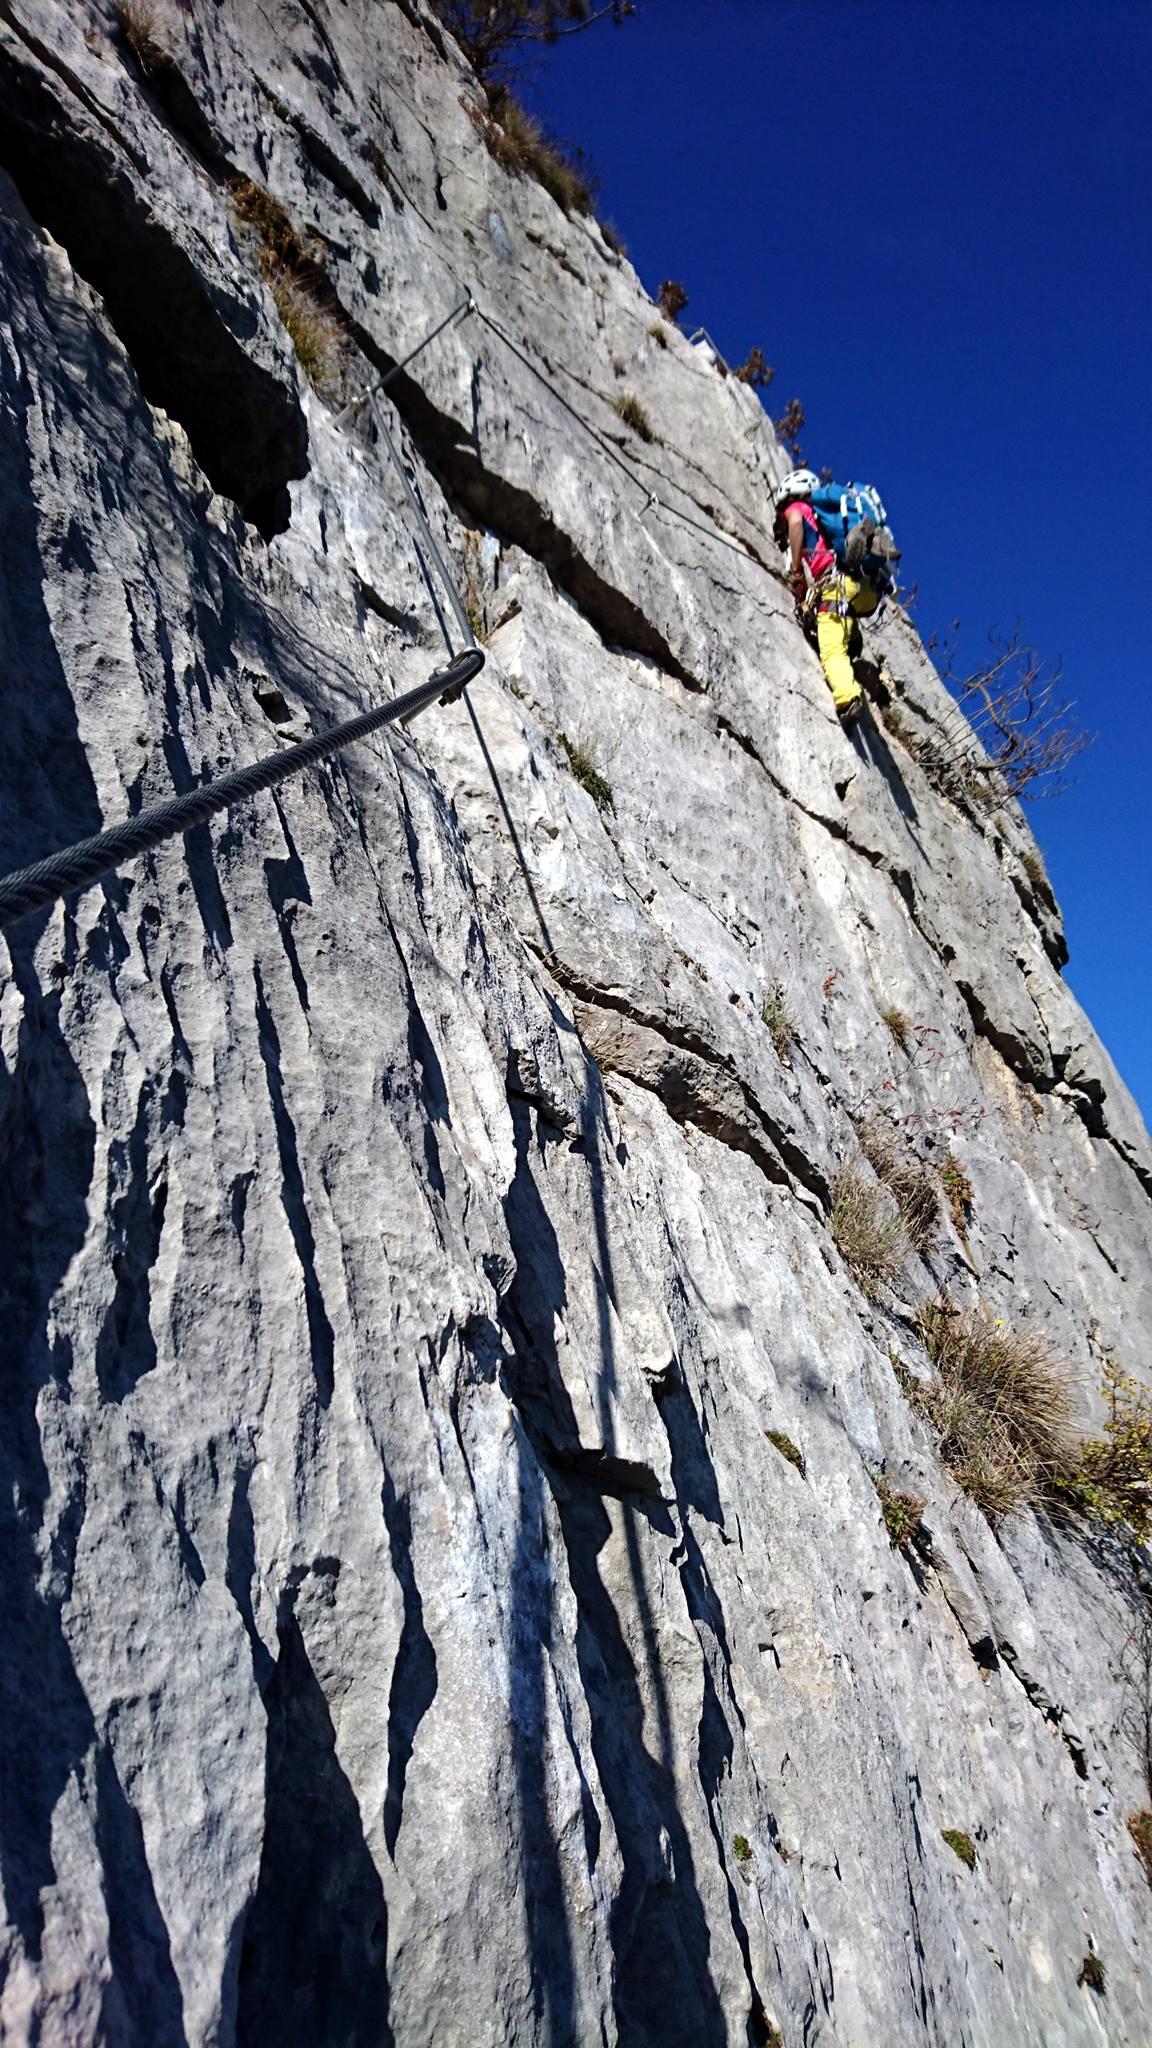 Erica al termine del bel traverso esposto sul terzo muro